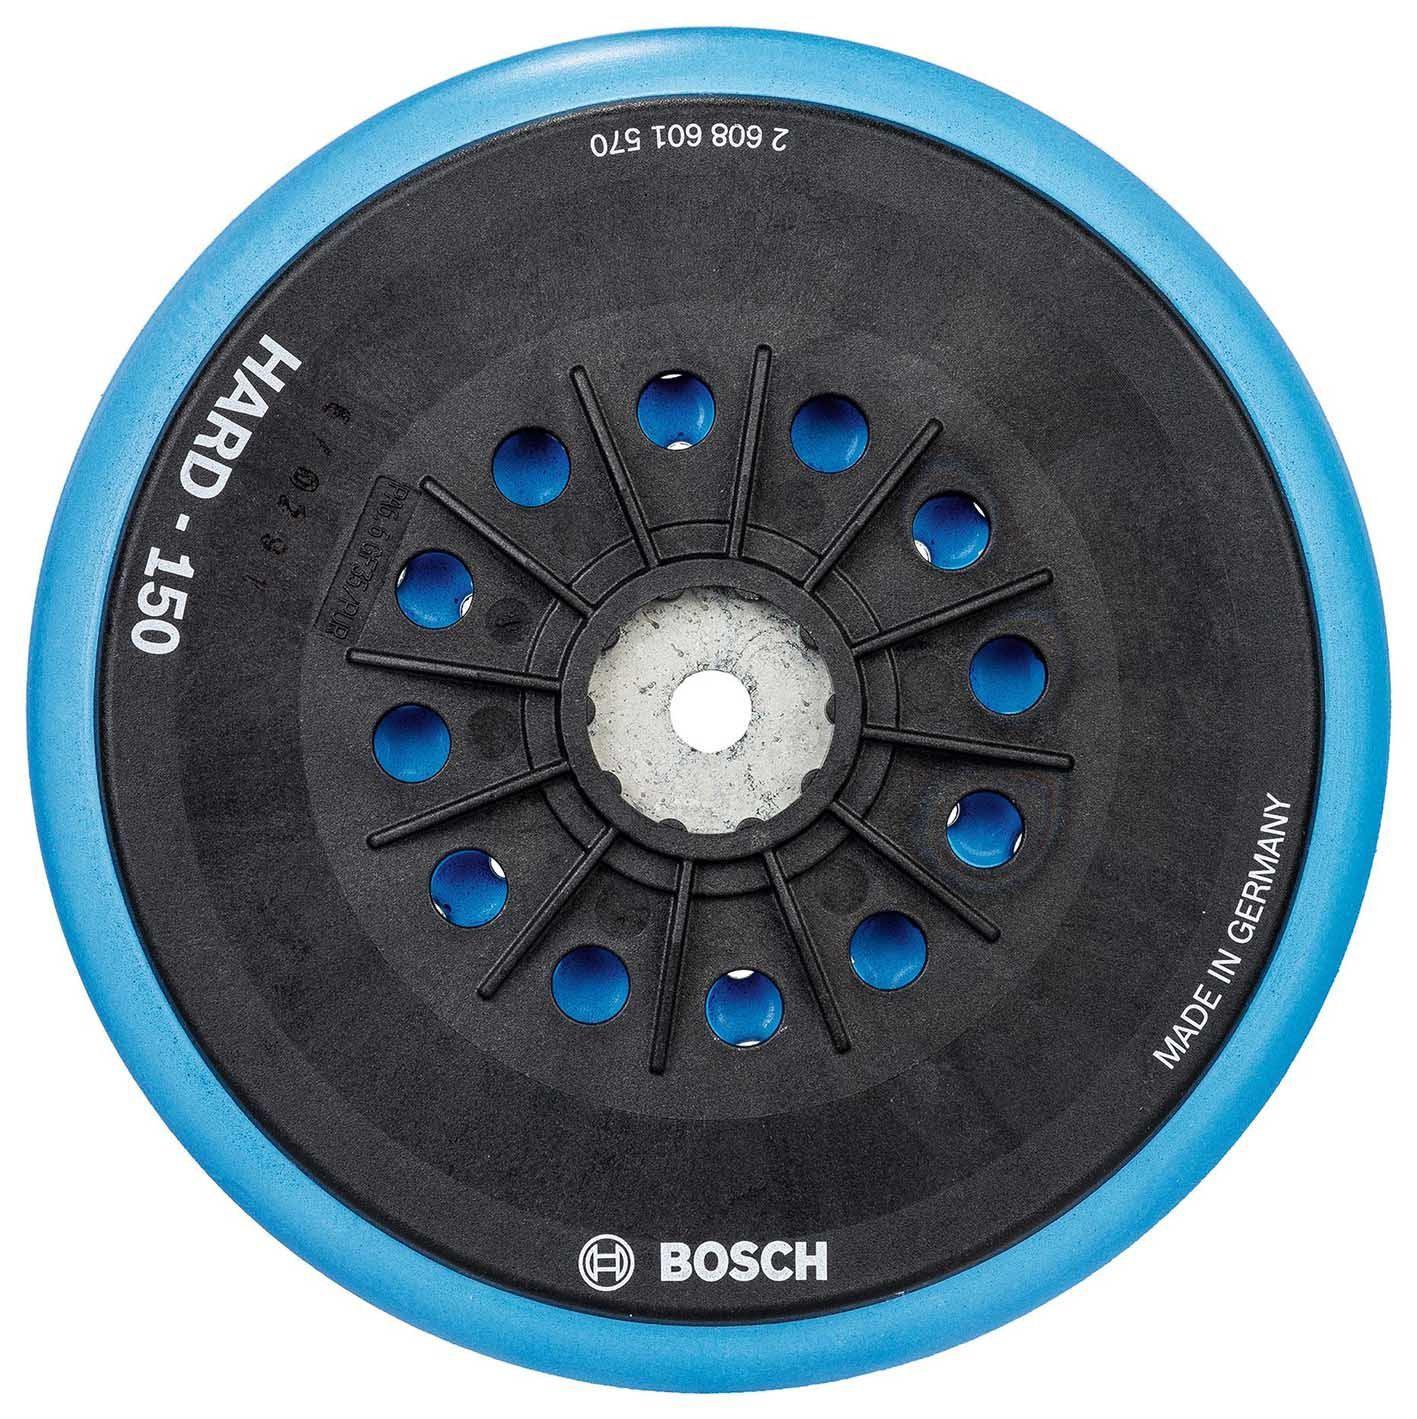 Купить Тарелка опорная Bosch Multihole (2.608.601.570), Германия